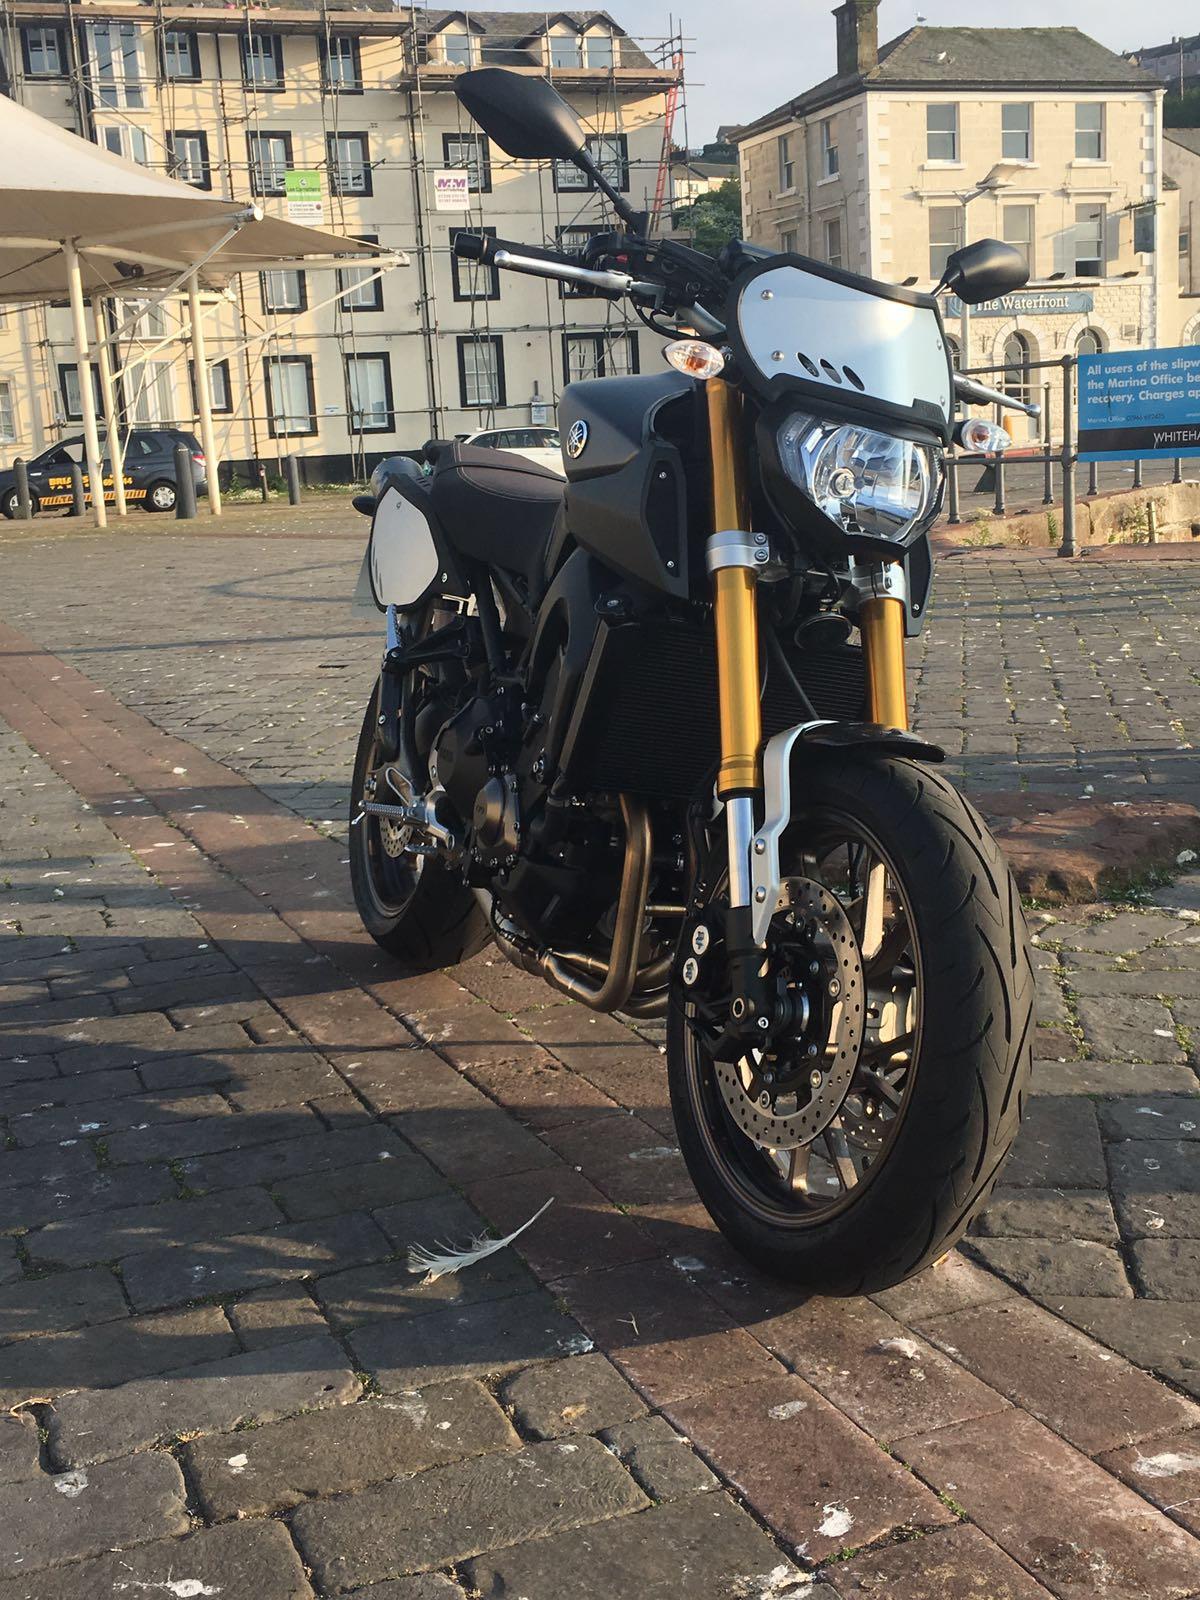 Flabdog – Yamaha MT-09